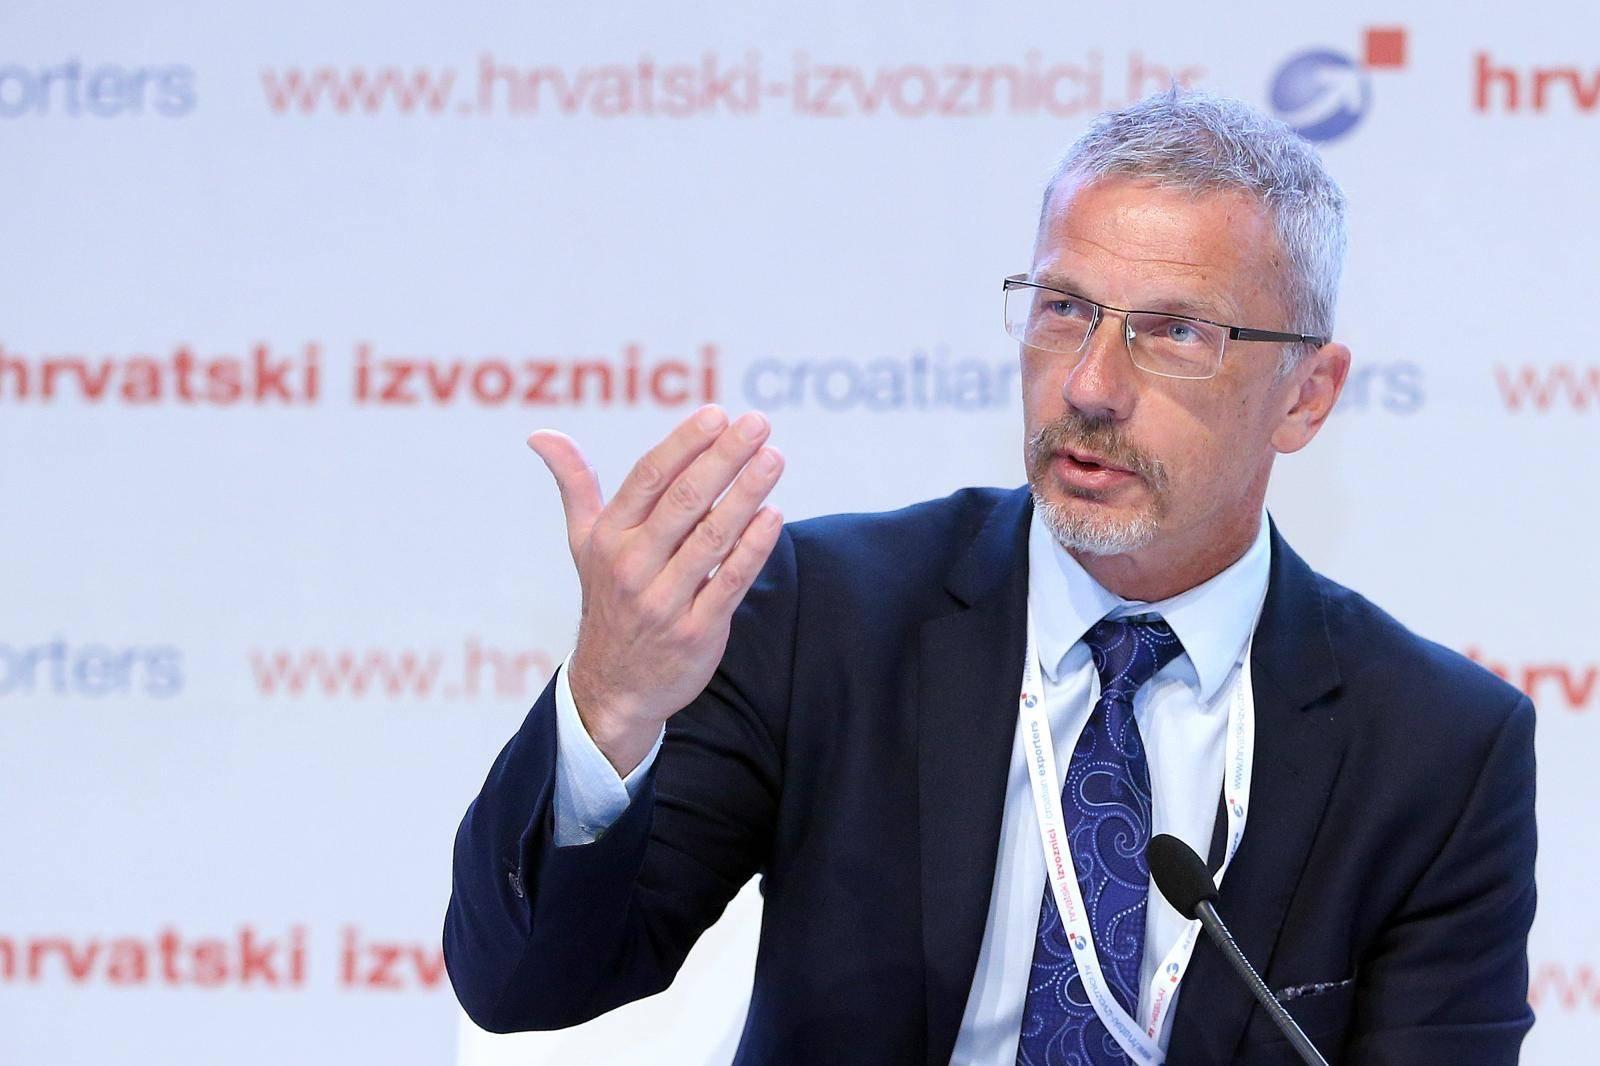 'Ne bih bio za uvođenje eura da to nije u interesu građana i RH'